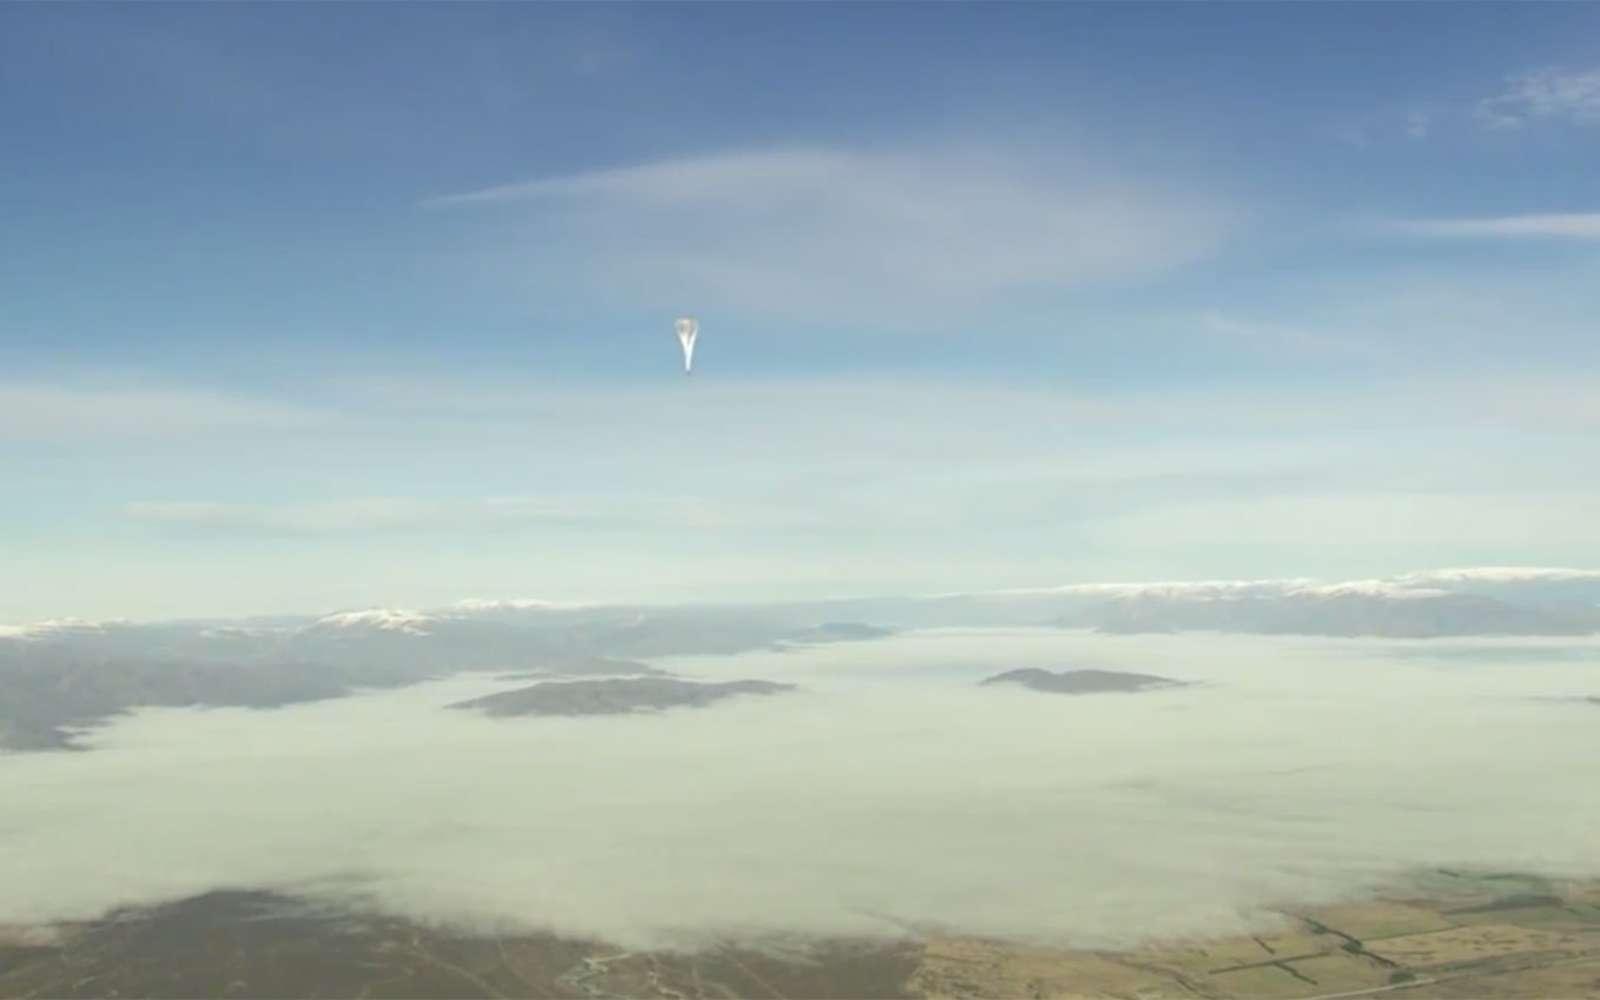 D'ici 2020, une centaine de ballons stratosphériques pourraient dériver afin d'offrir un service Internet aux populations qui n'y ont pas accès. © Cnes